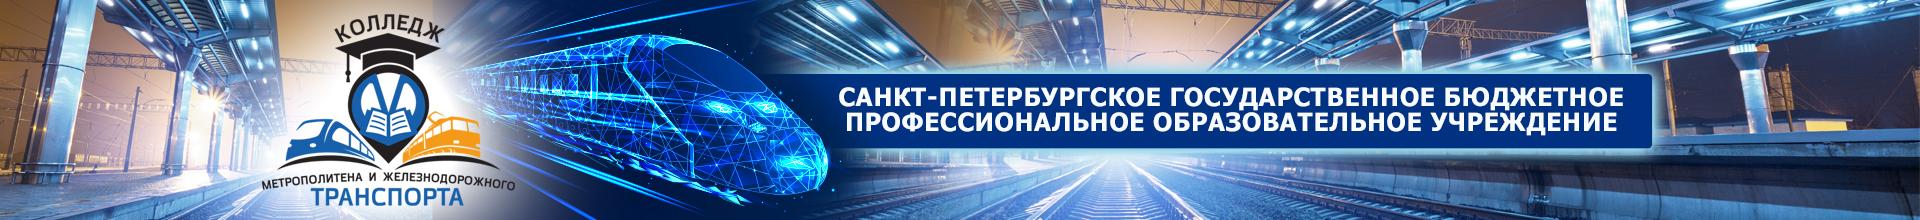 Колледж метрополитена и железнодорожного транспорта